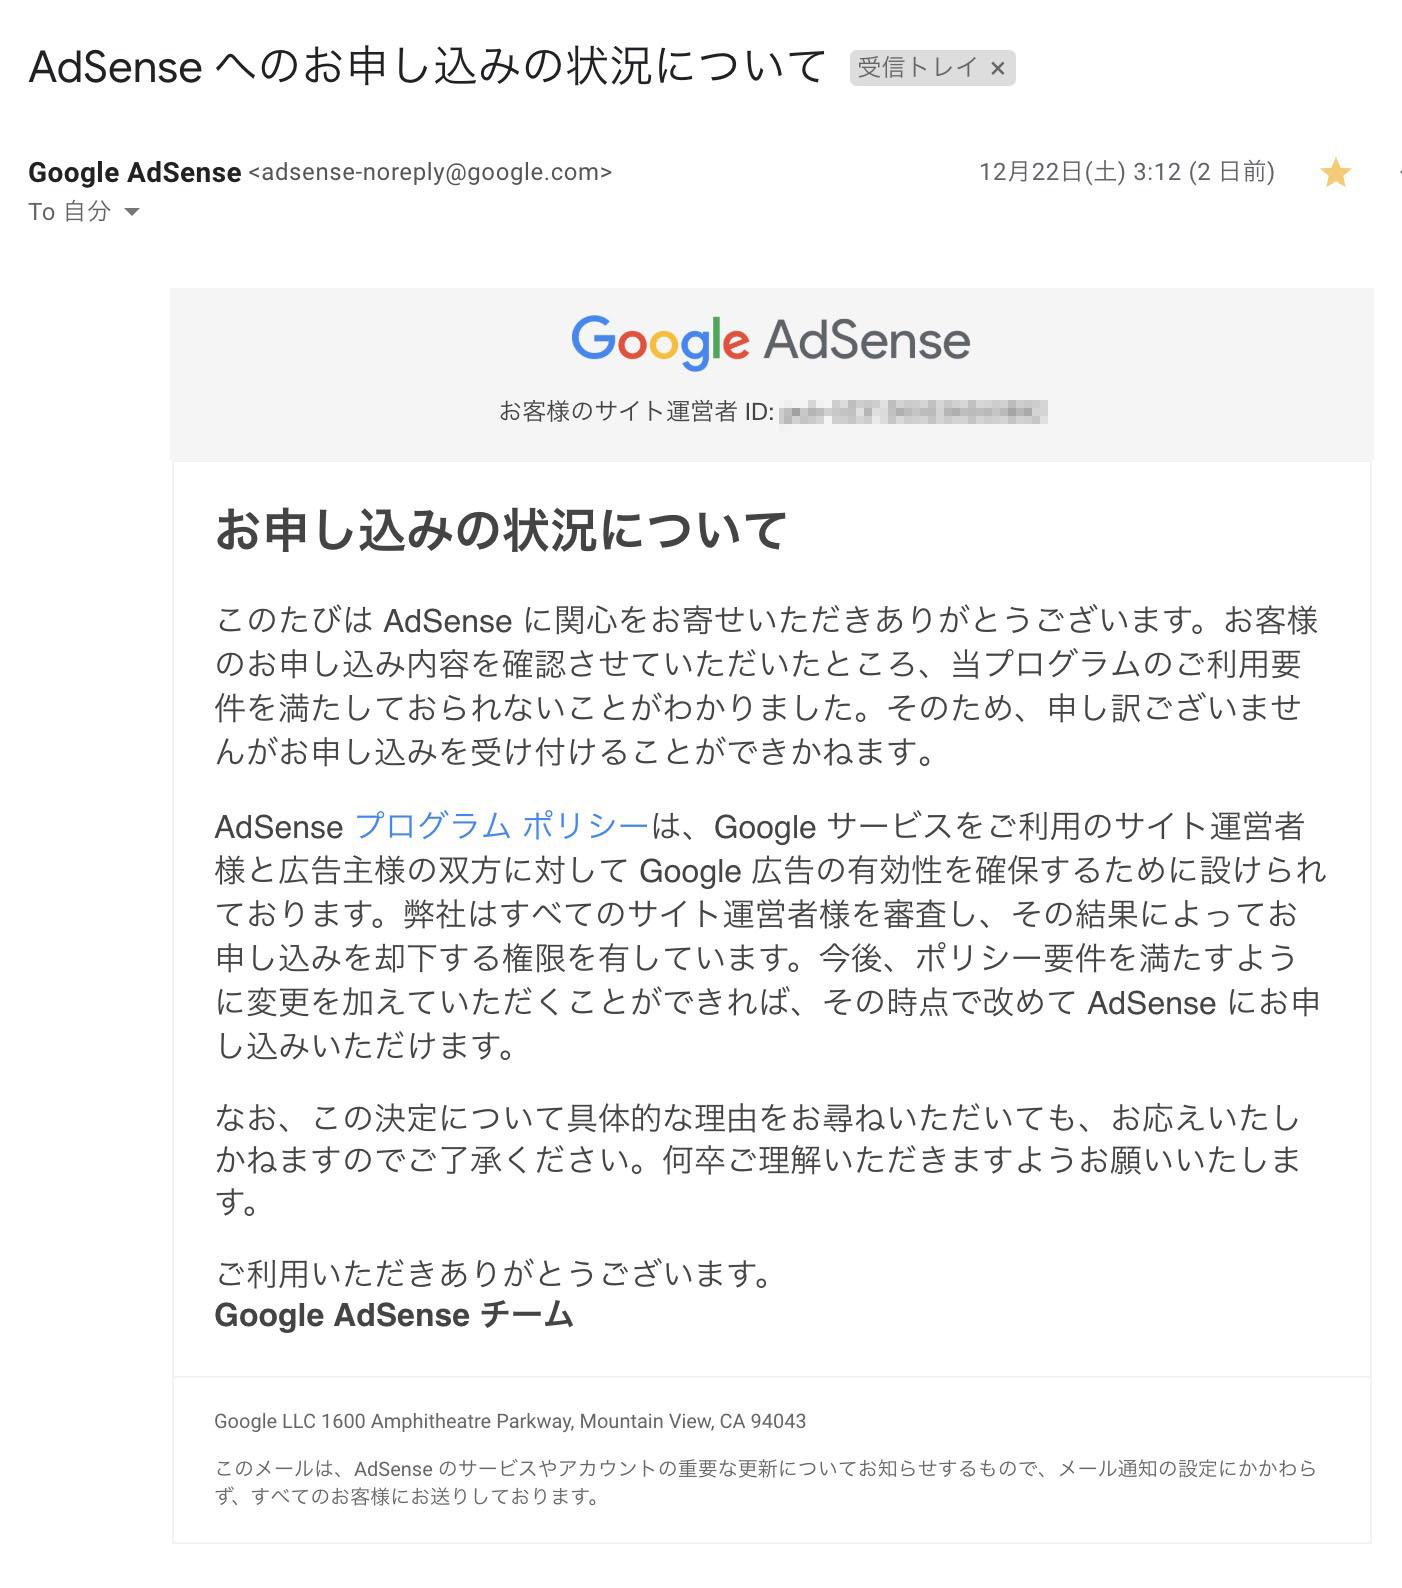 アドセンス 複数サイト 審査